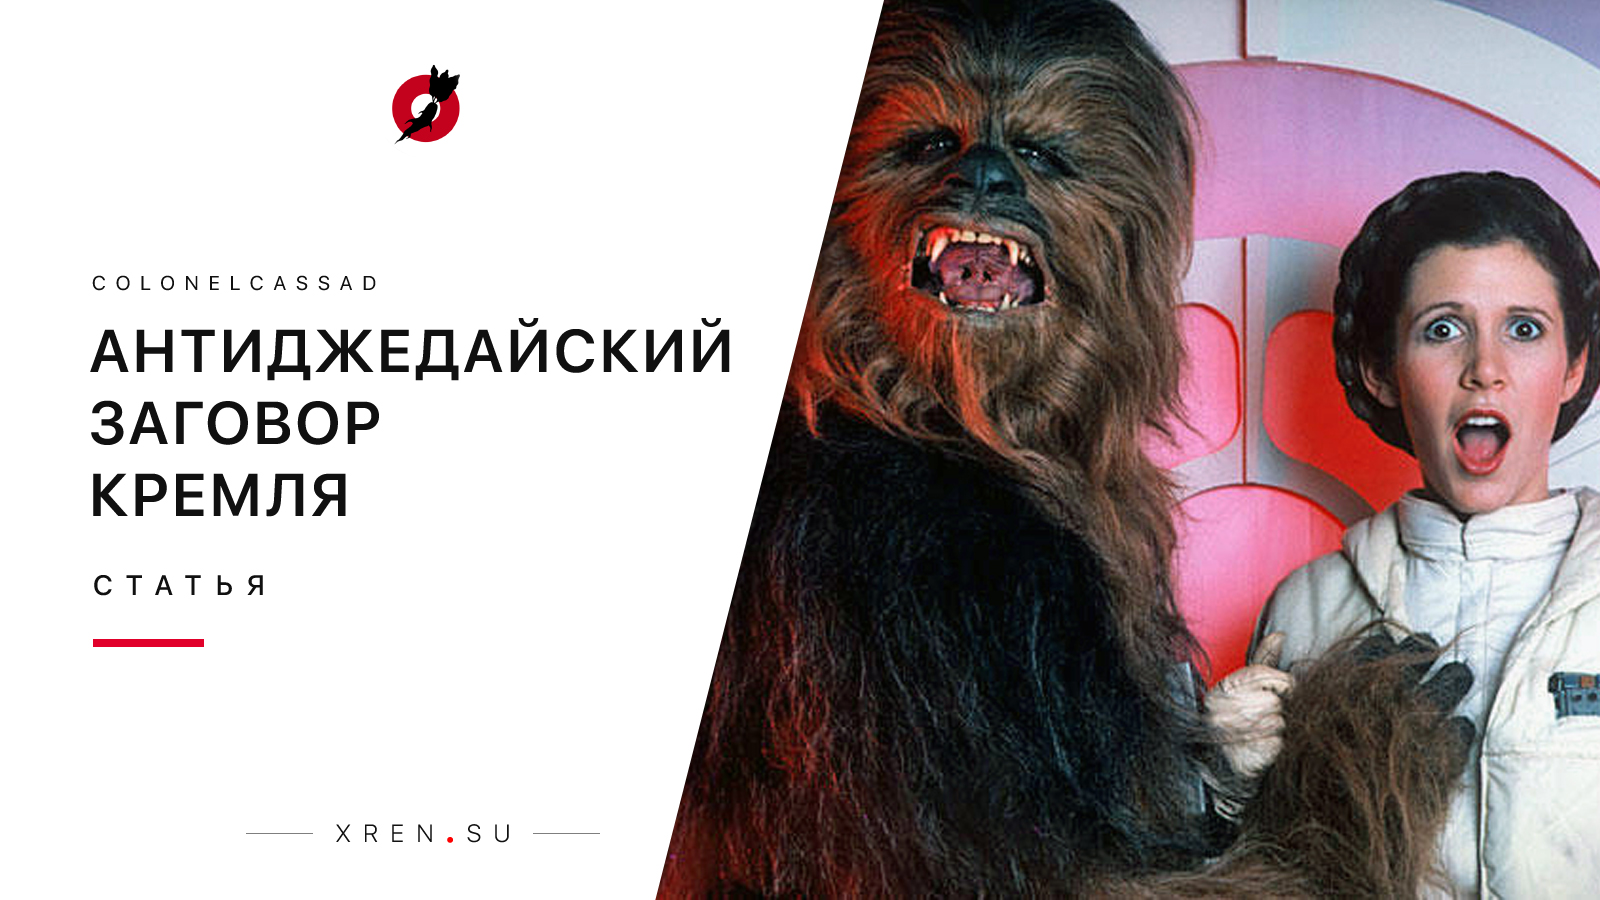 Антиджедайский заговор Кремля